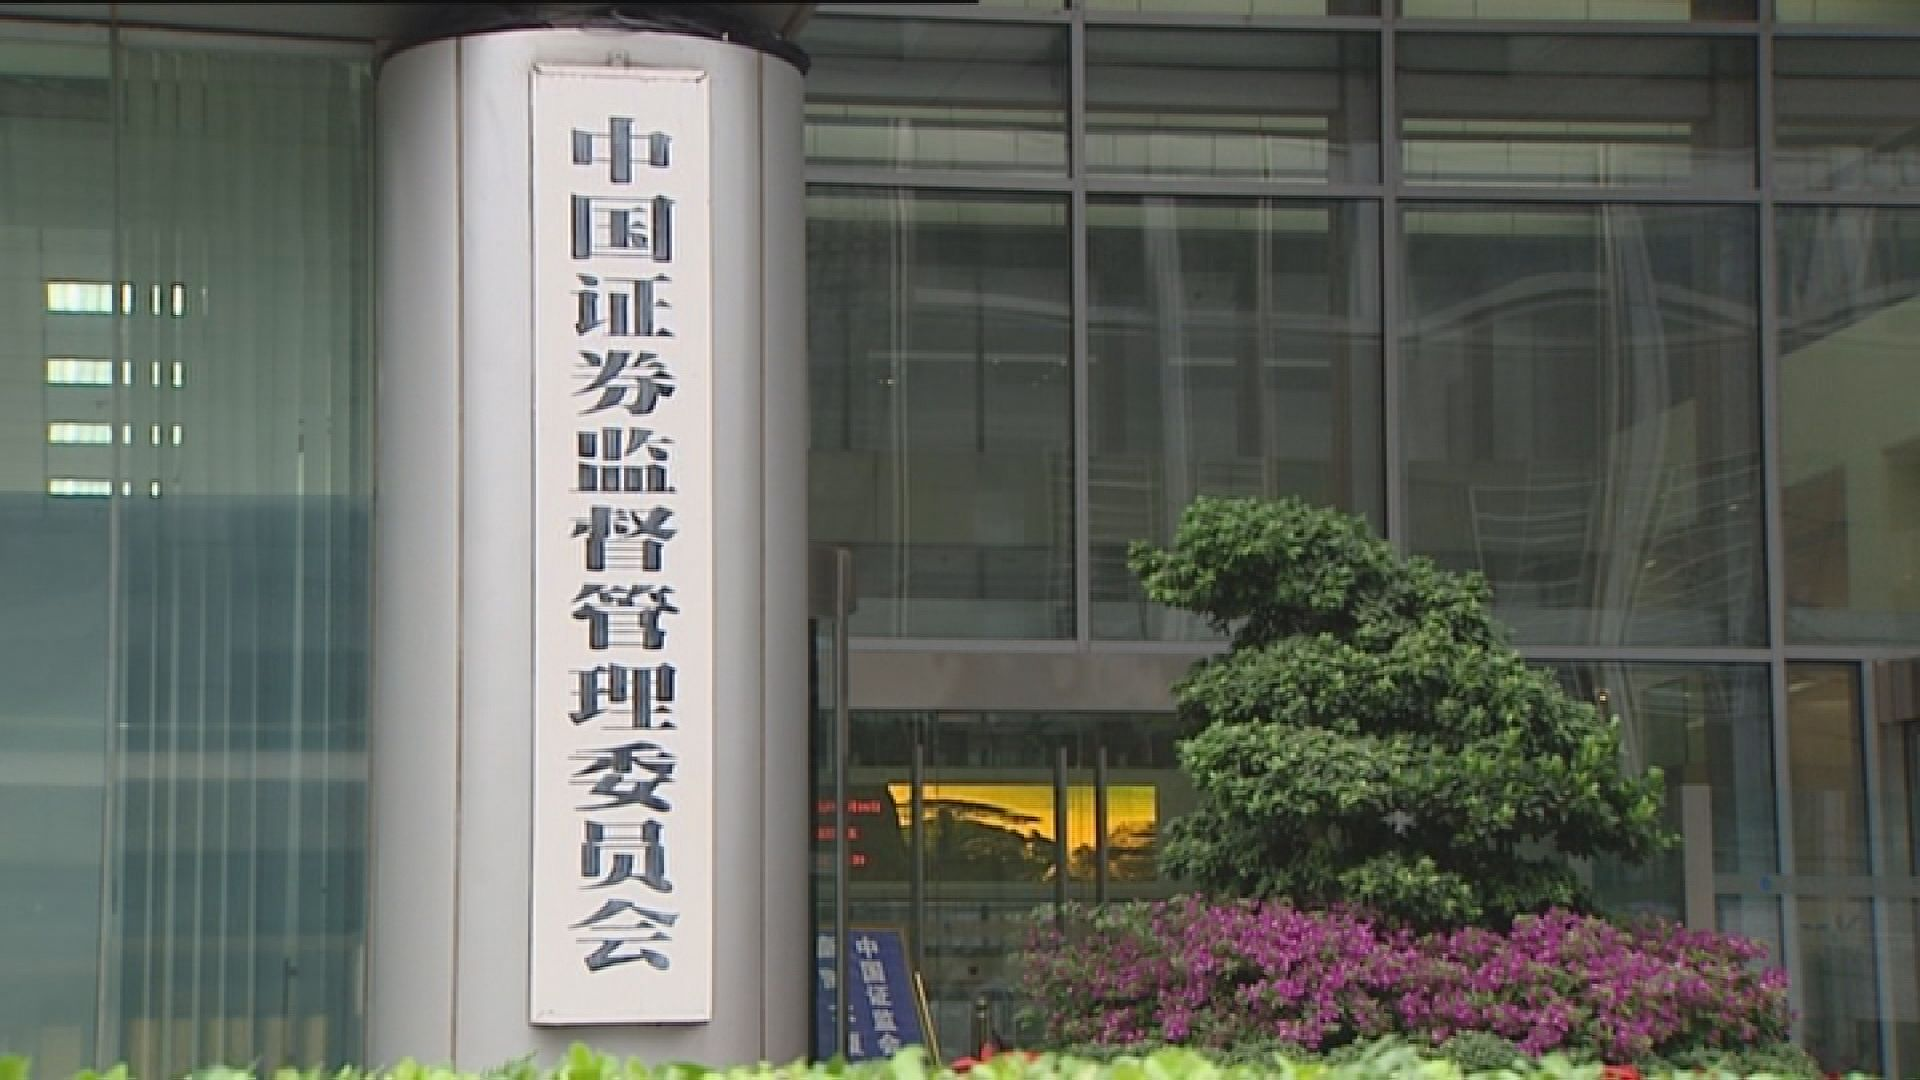 【中美貿戰升級】中證監:穩健財政及貨幣政策足以應對